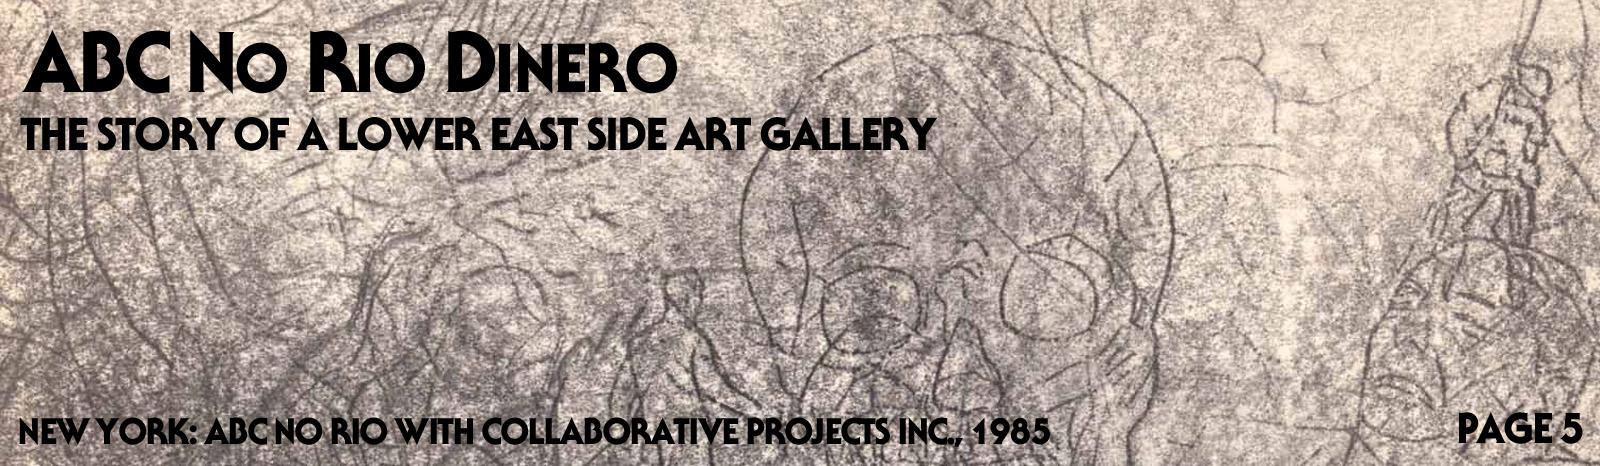 abc-no-rio-page-cover-5.jpg